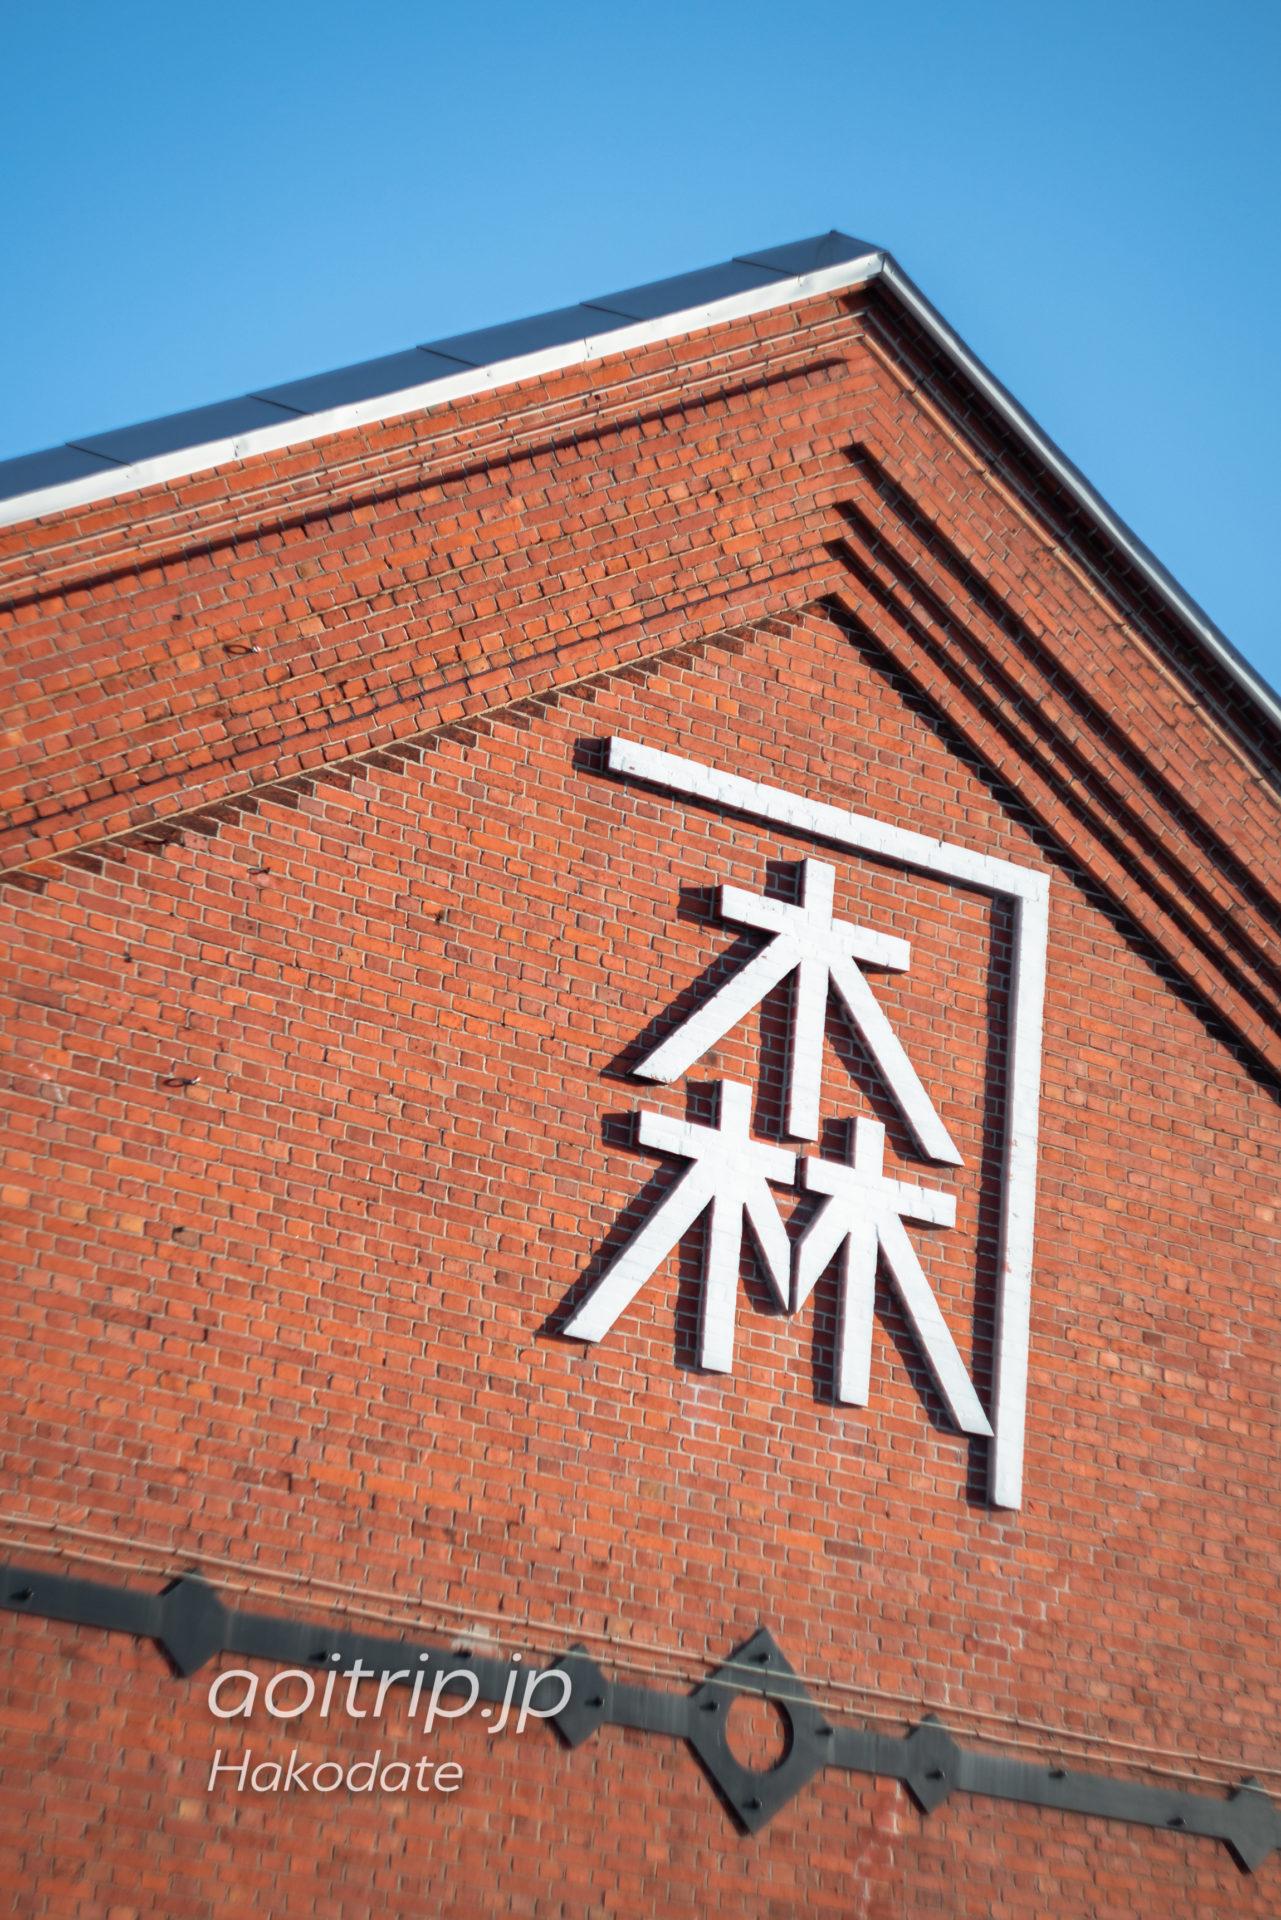 金森赤レンガ倉庫・函館